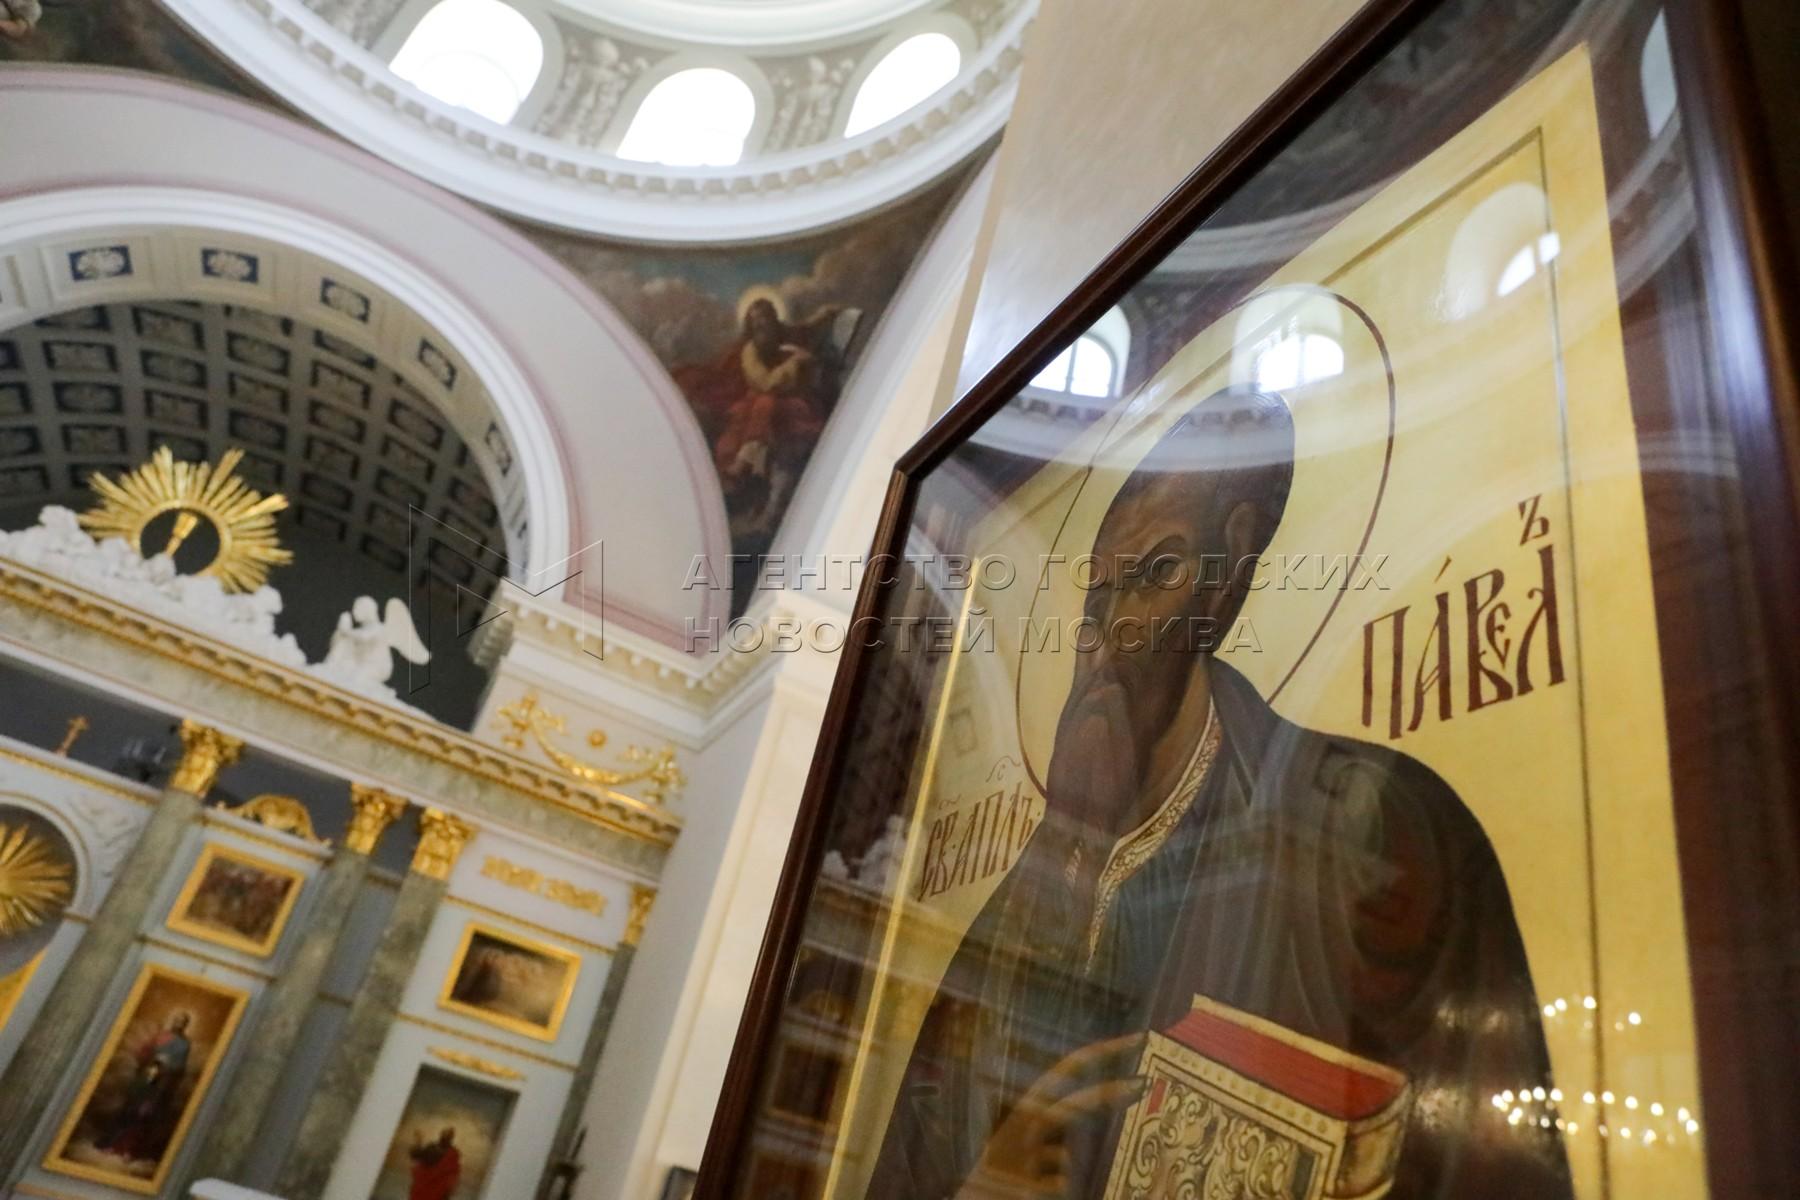 Церковь Троицы Живоначальной при Странноприимном доме графа Шереметева который отмечает 210-летний юбилей.